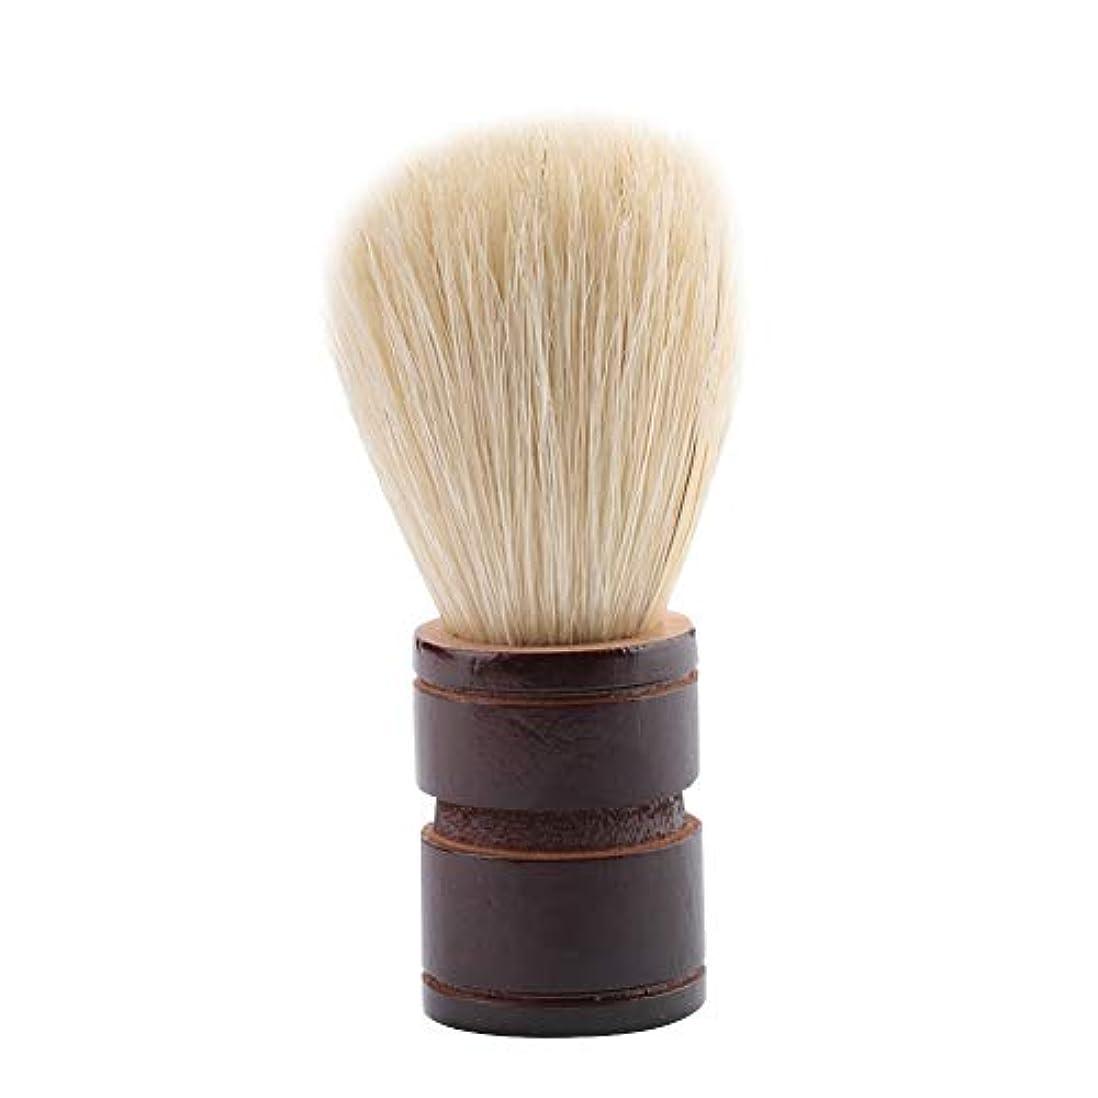 伝説報奨金外側Brocan サロンホーム旅行の使用のためのポータブル男性のひげブラシ木製ハンドルシェービングブラシ(ウッド+絵筆)